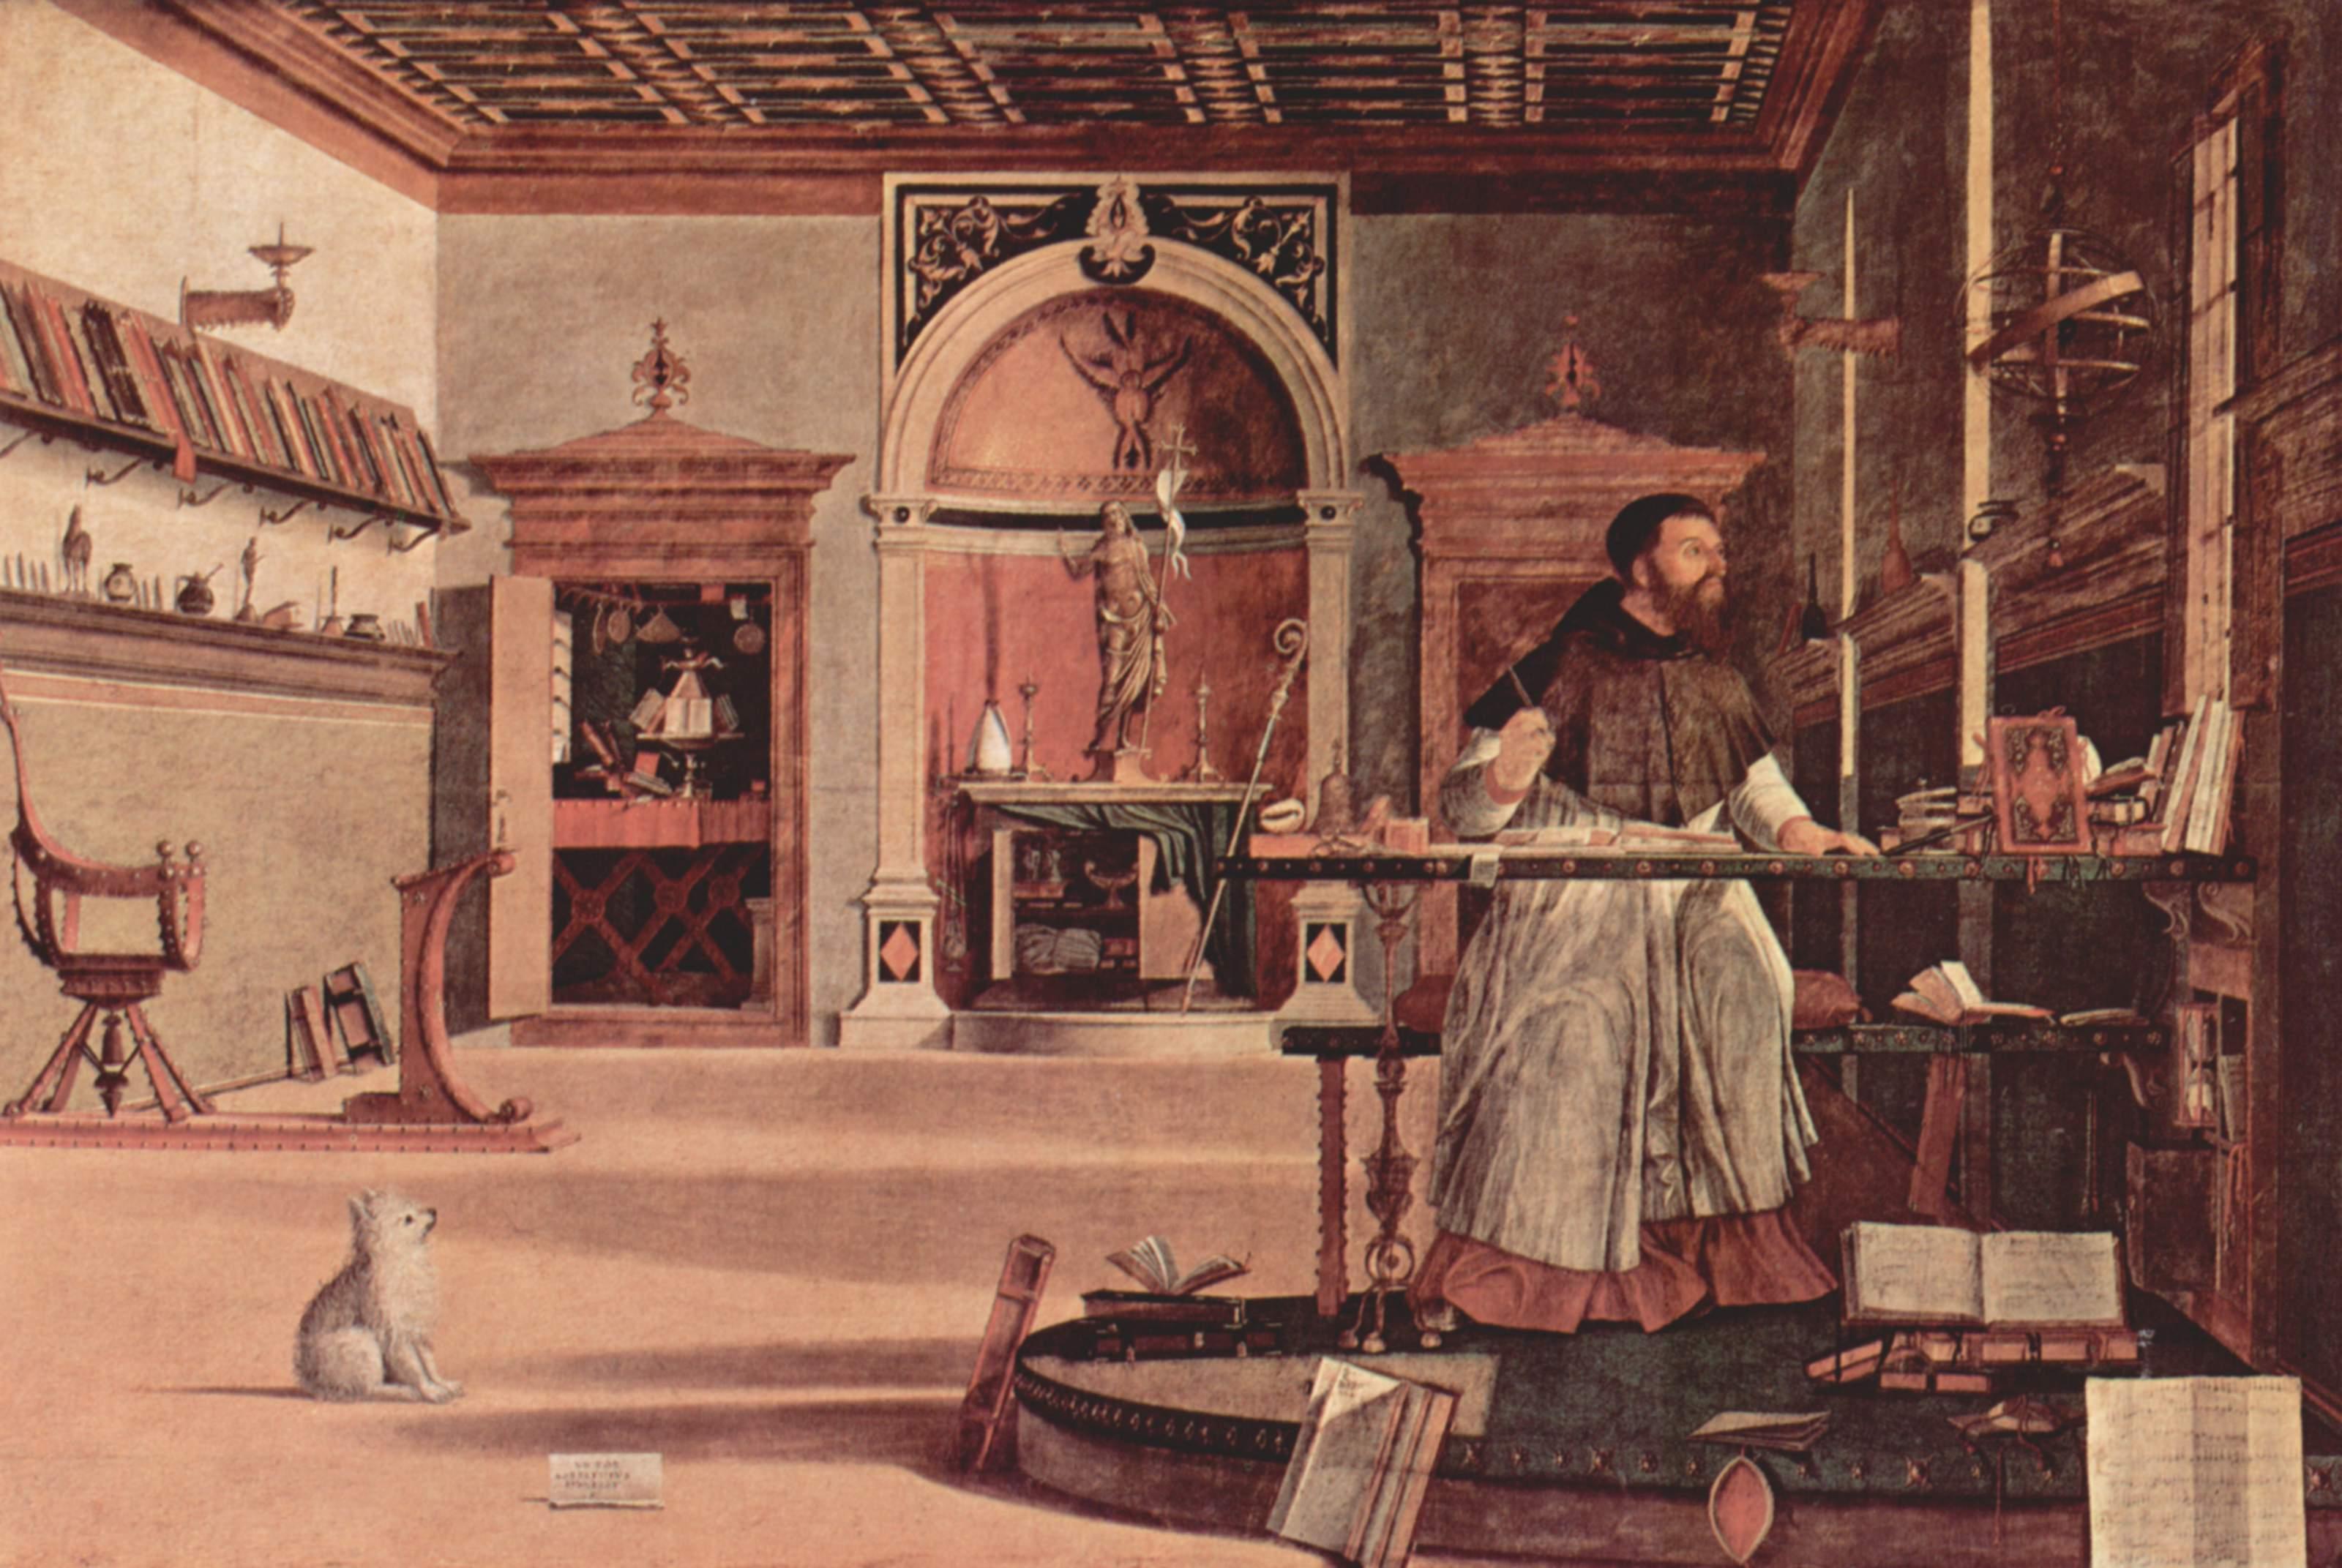 Цикл картин капеллы Скуола ди Сан Джорджио Скьявони, видение св. Августина, Витторе Карпаччо